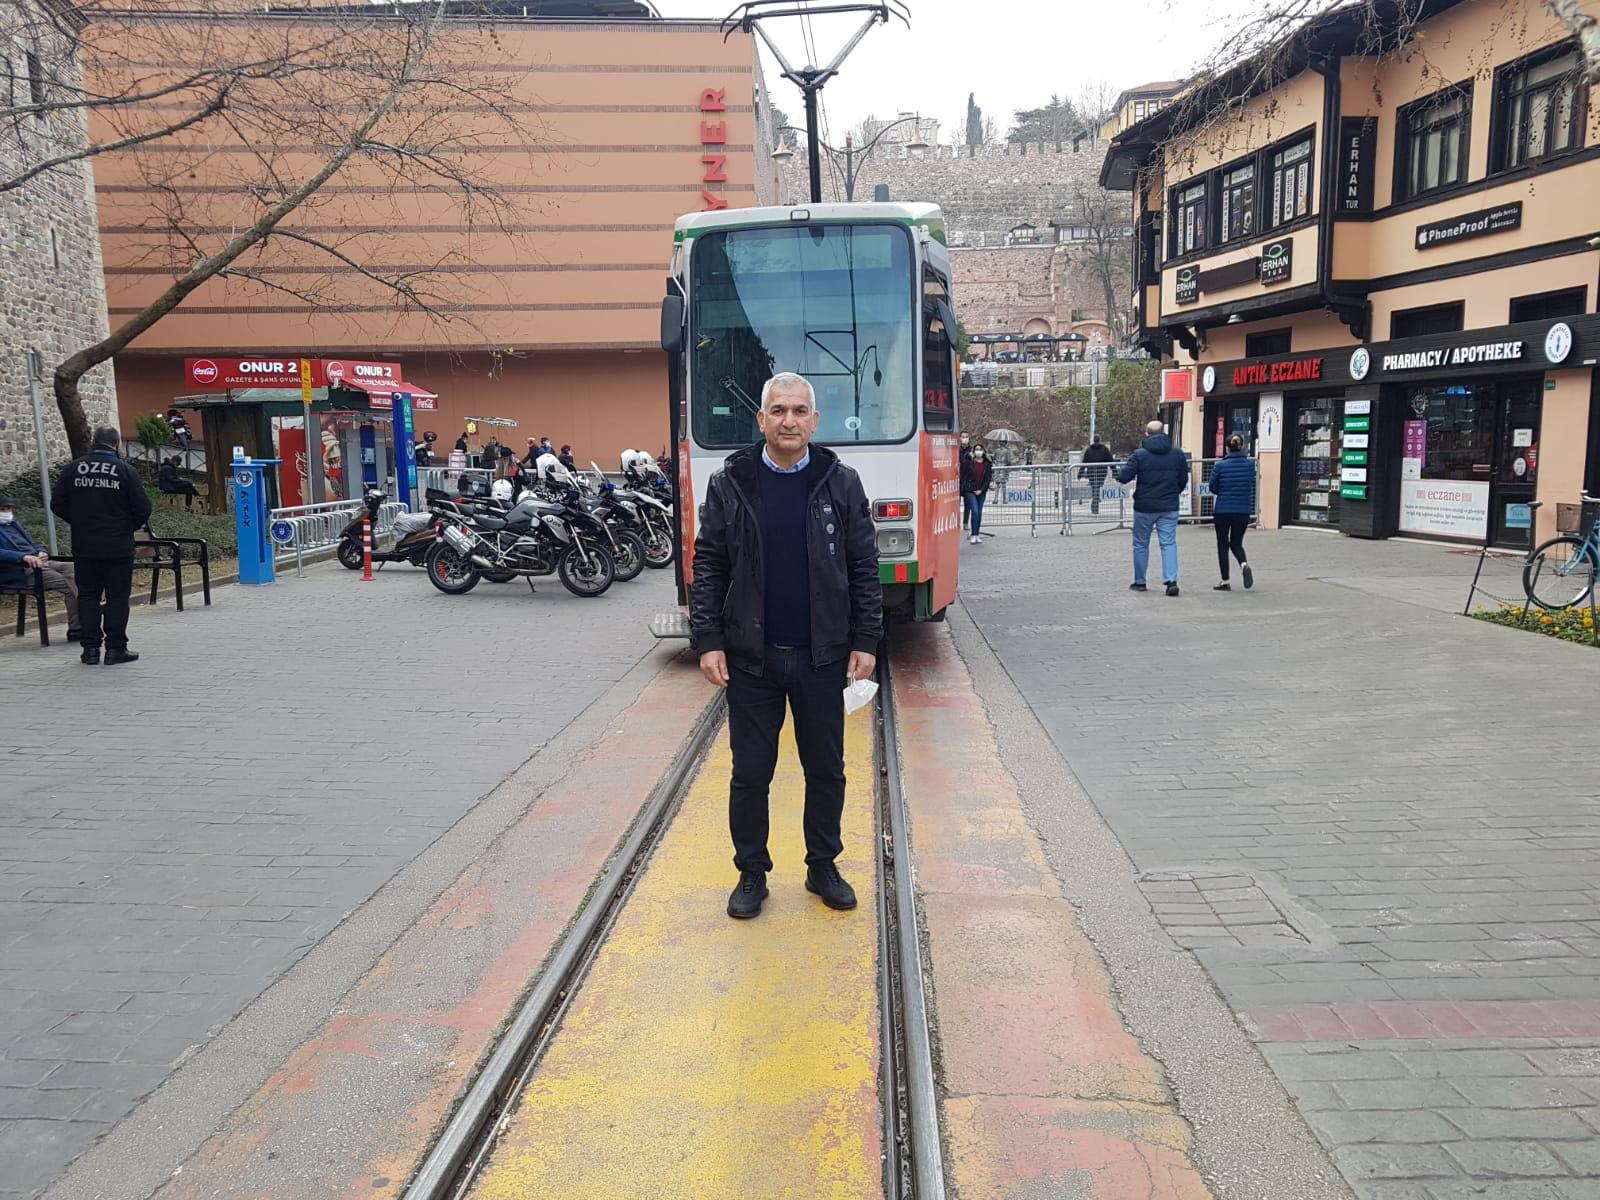 Esnaf istedi, 8 muhtar dilekçe verdi, tramvay geri döndü: Herkes mutlu!